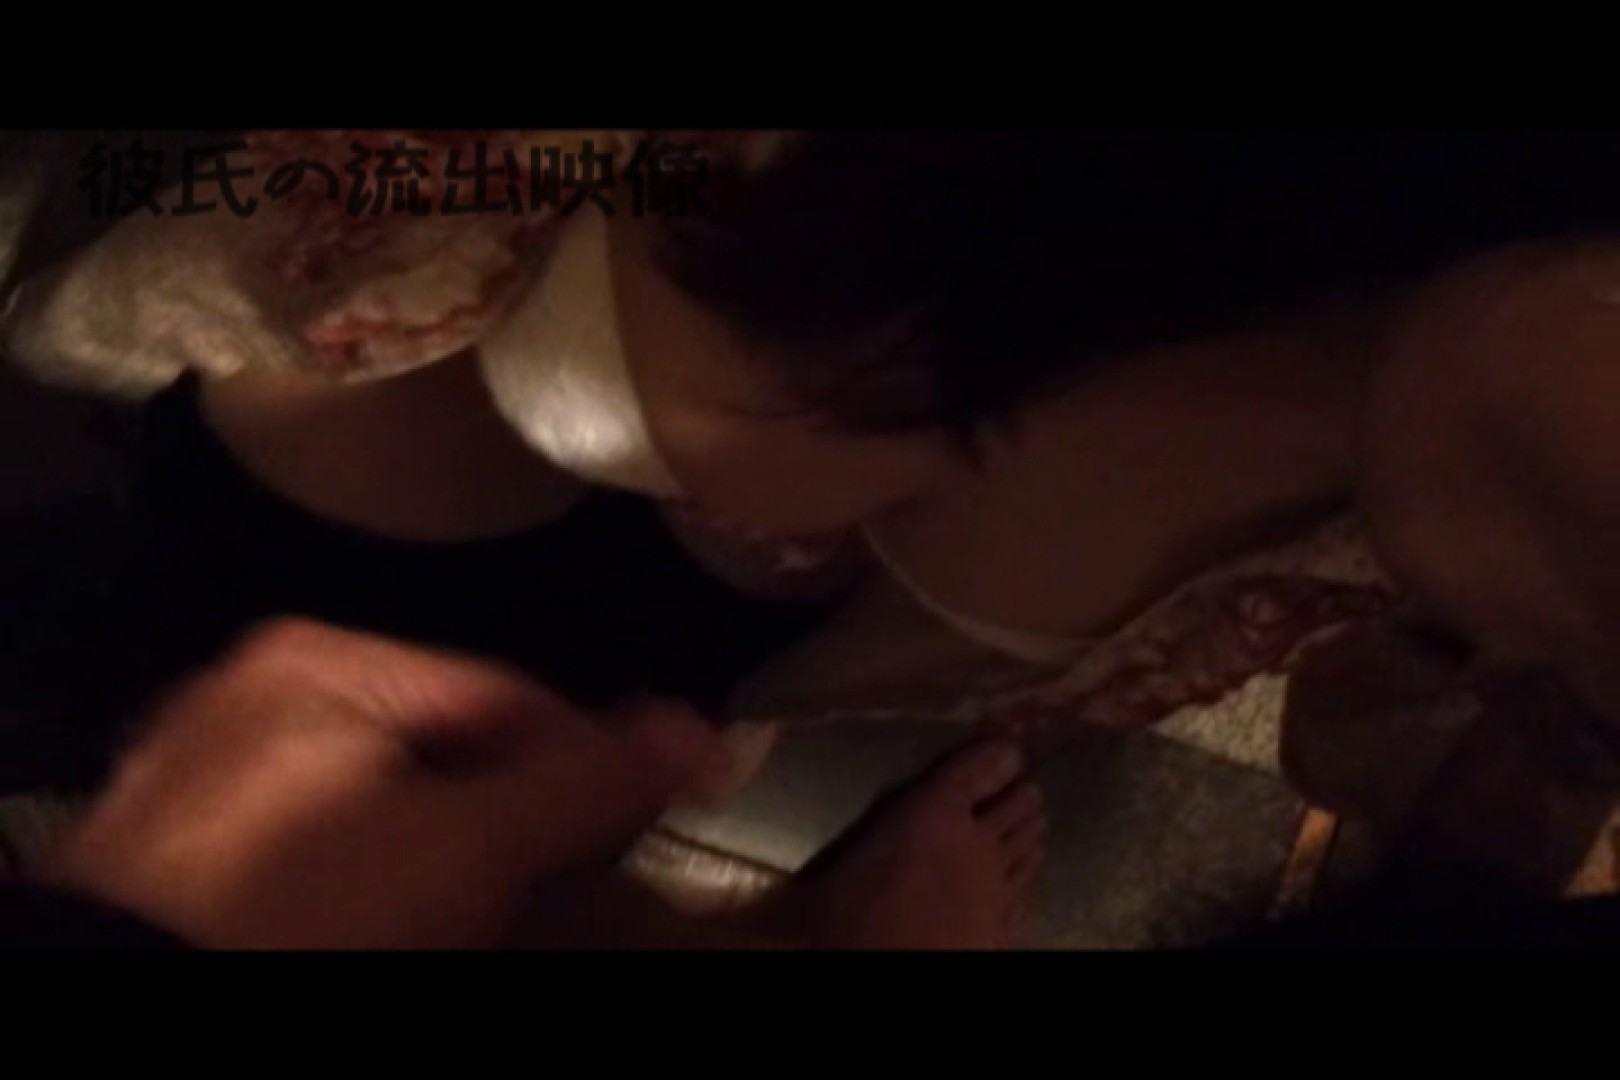 彼氏が流出 パイパン素人嬢のハメ撮り映像03 素人 オマンコ無修正動画無料 81pic 42